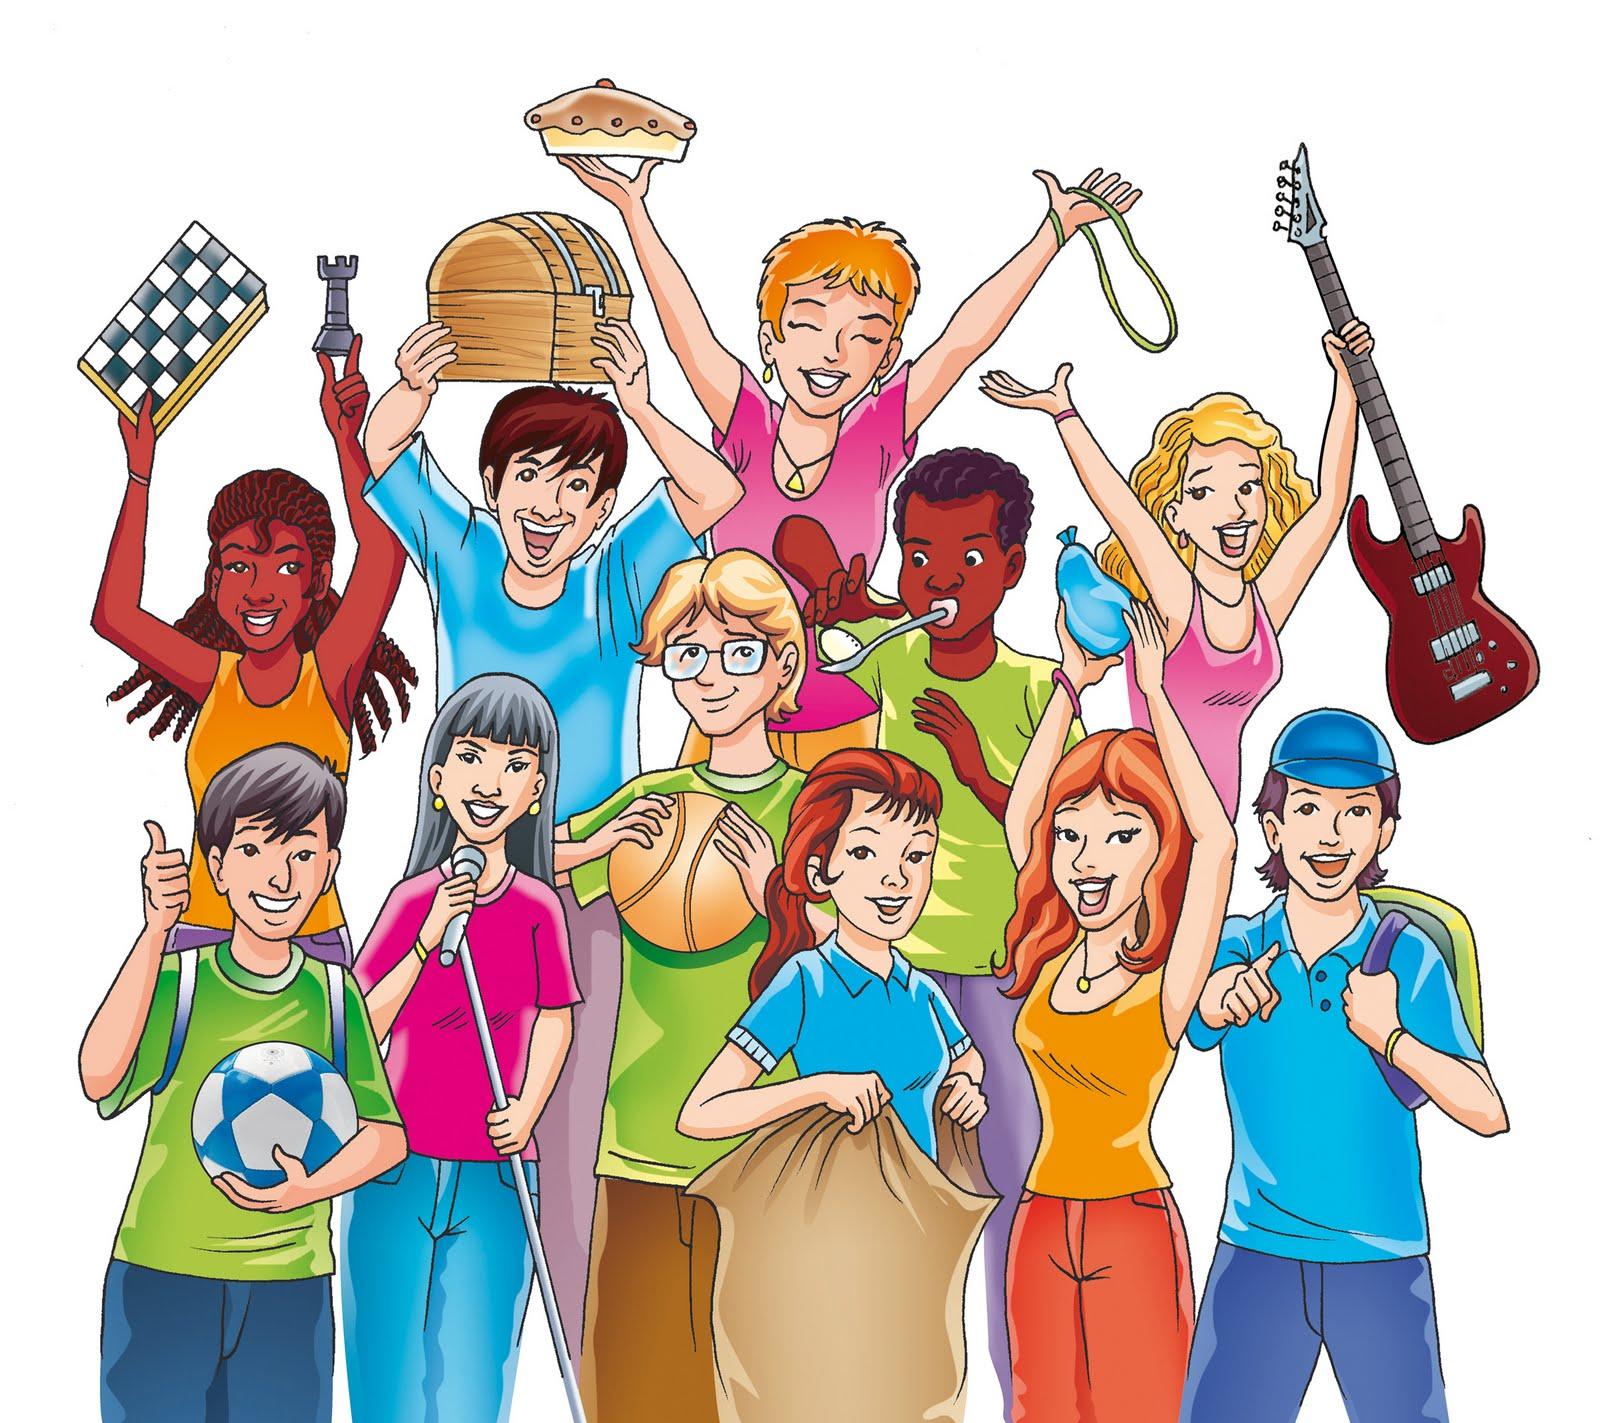 Imagenes De Adolescentes